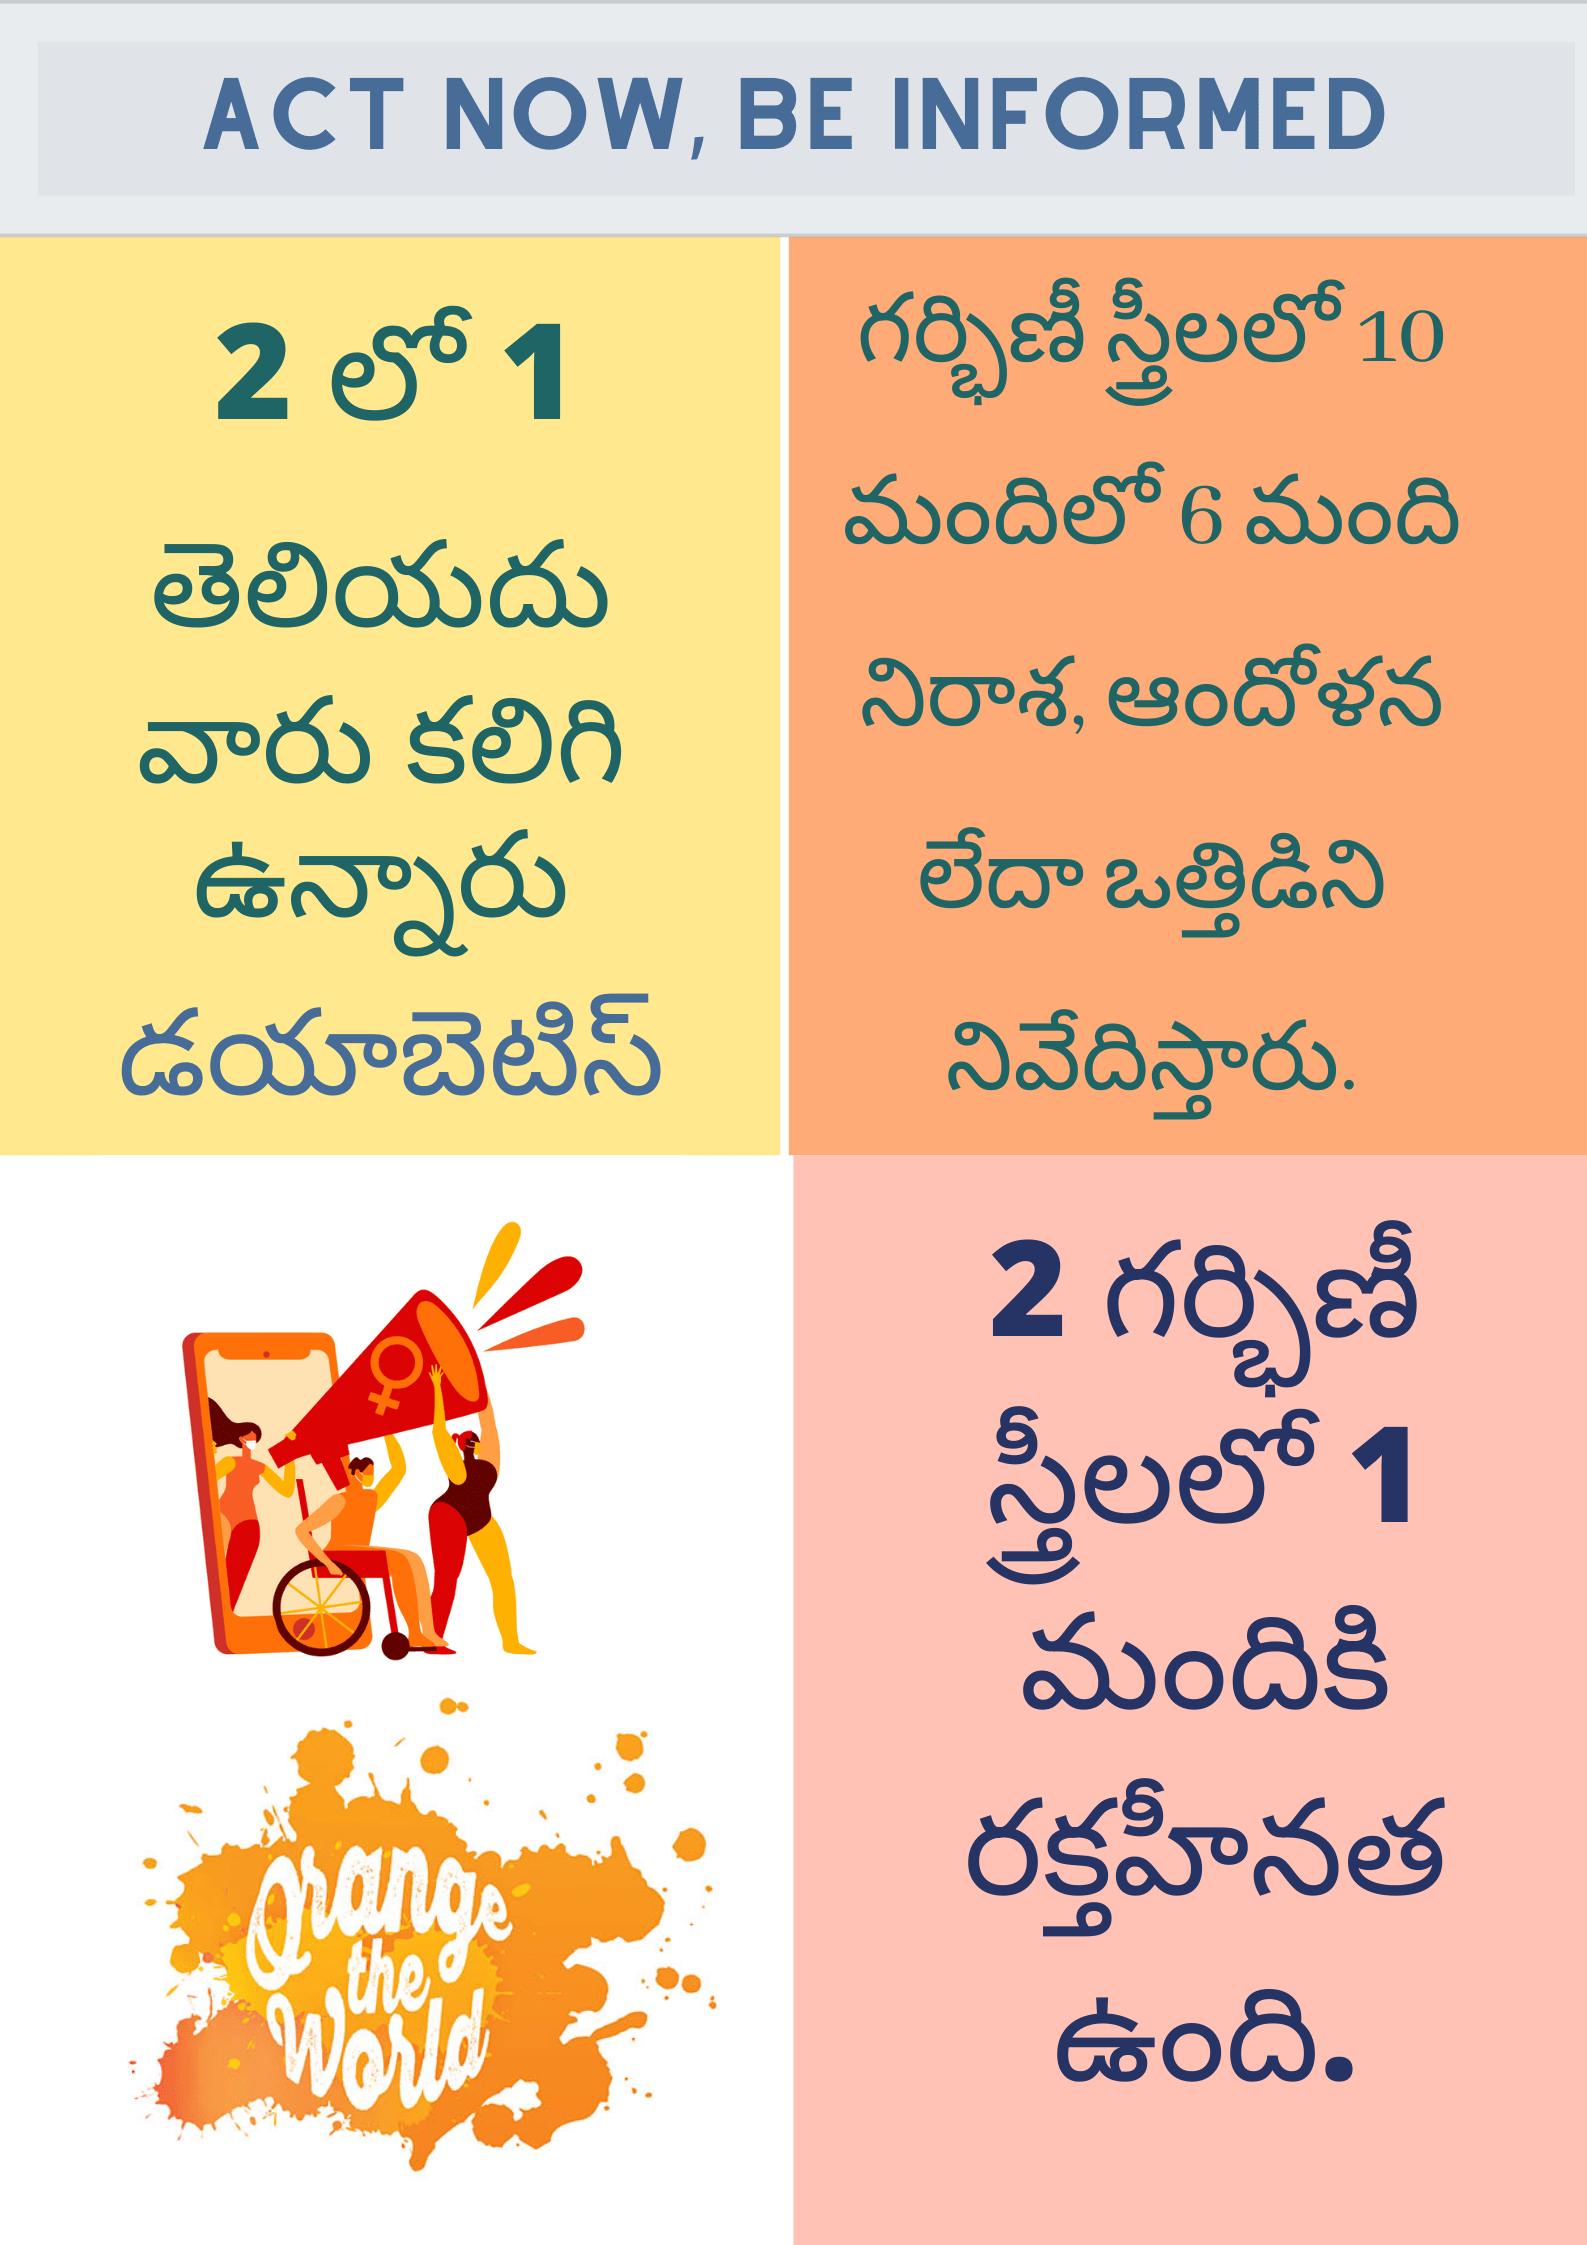 Maternal health awareness poster